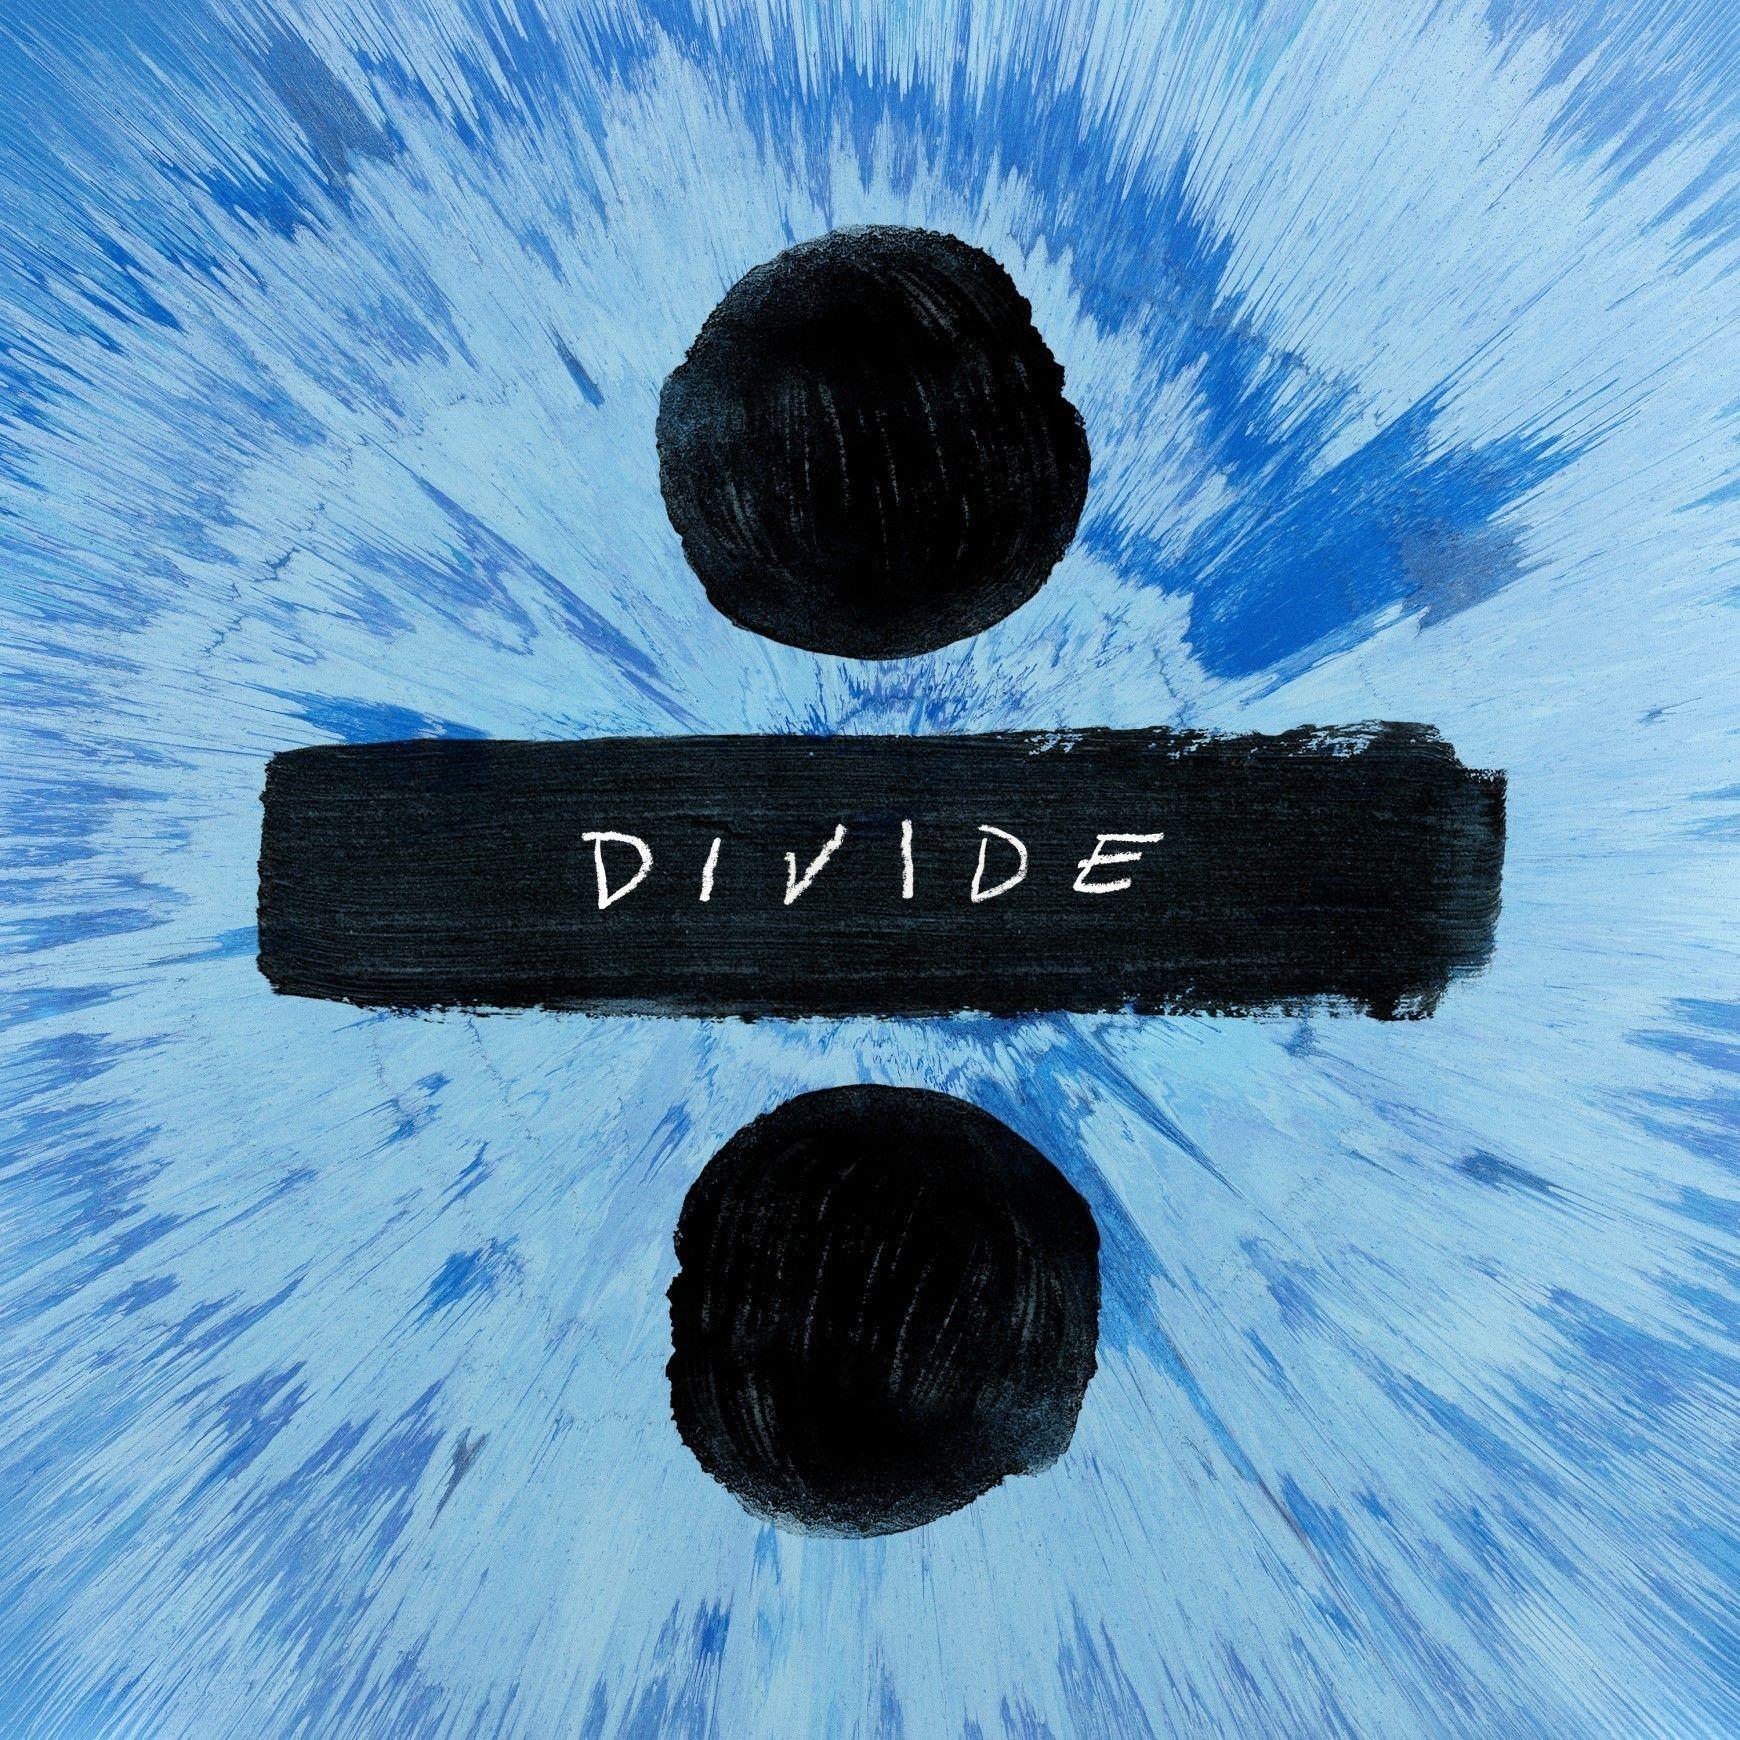 An In Depth Review Of Ed Sheeran S New Album Ed Sheeran Divide